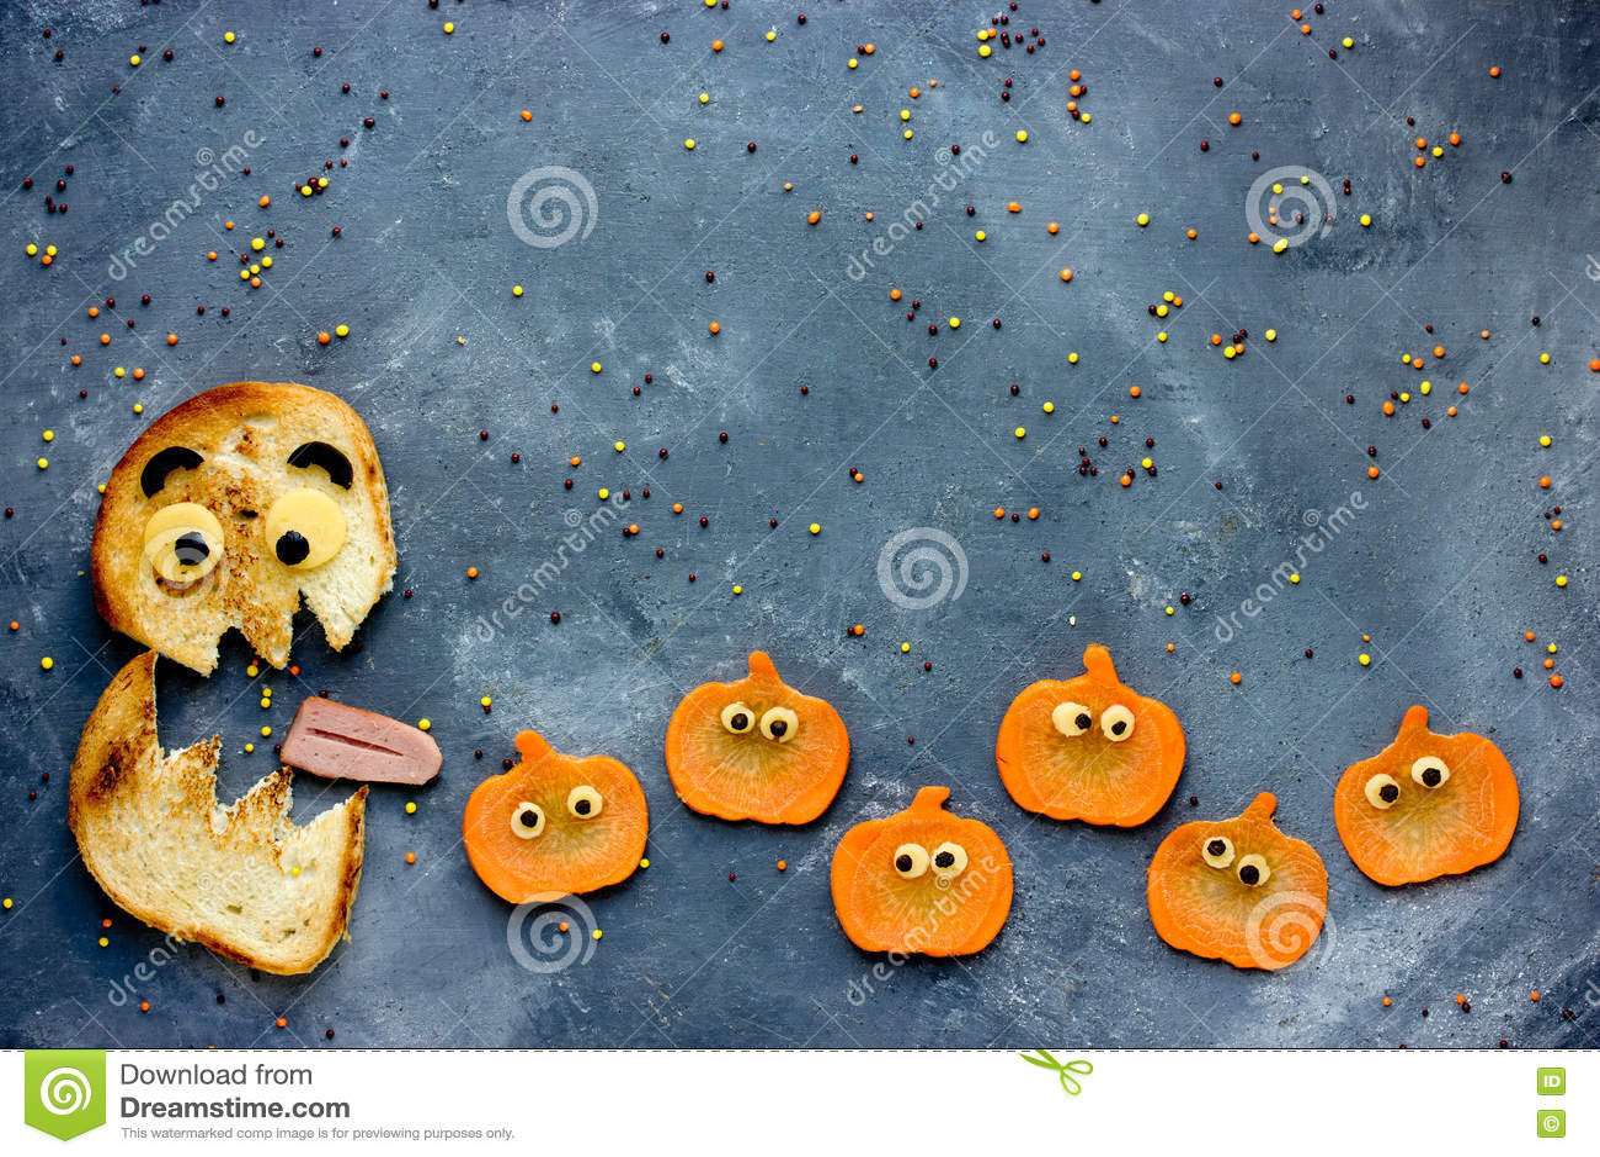 funny halloween food background bread monster eatsl pumpkin stock